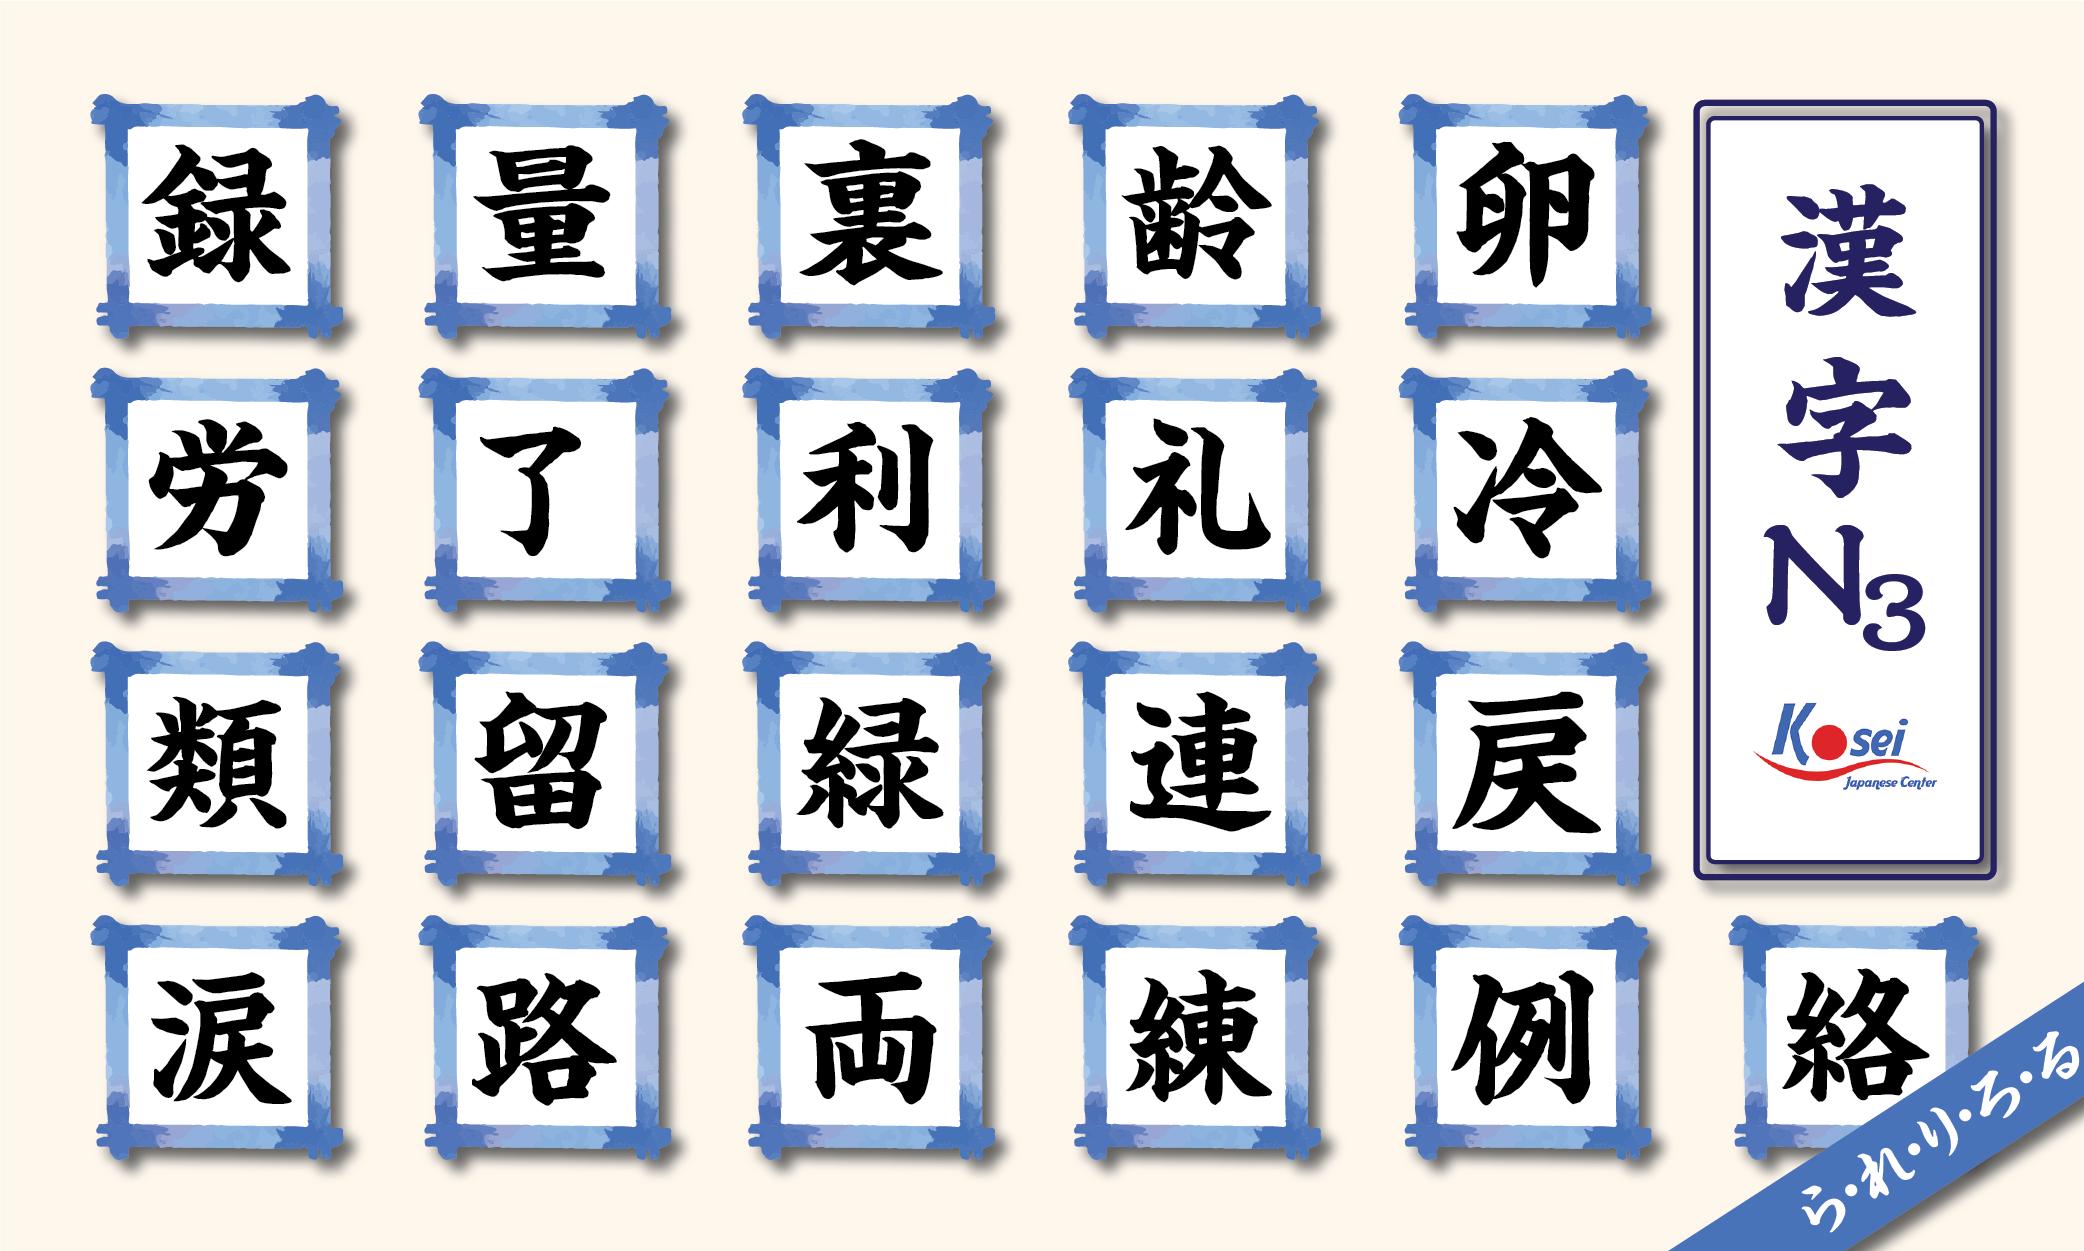 kanji n3 theo âm on hàng r